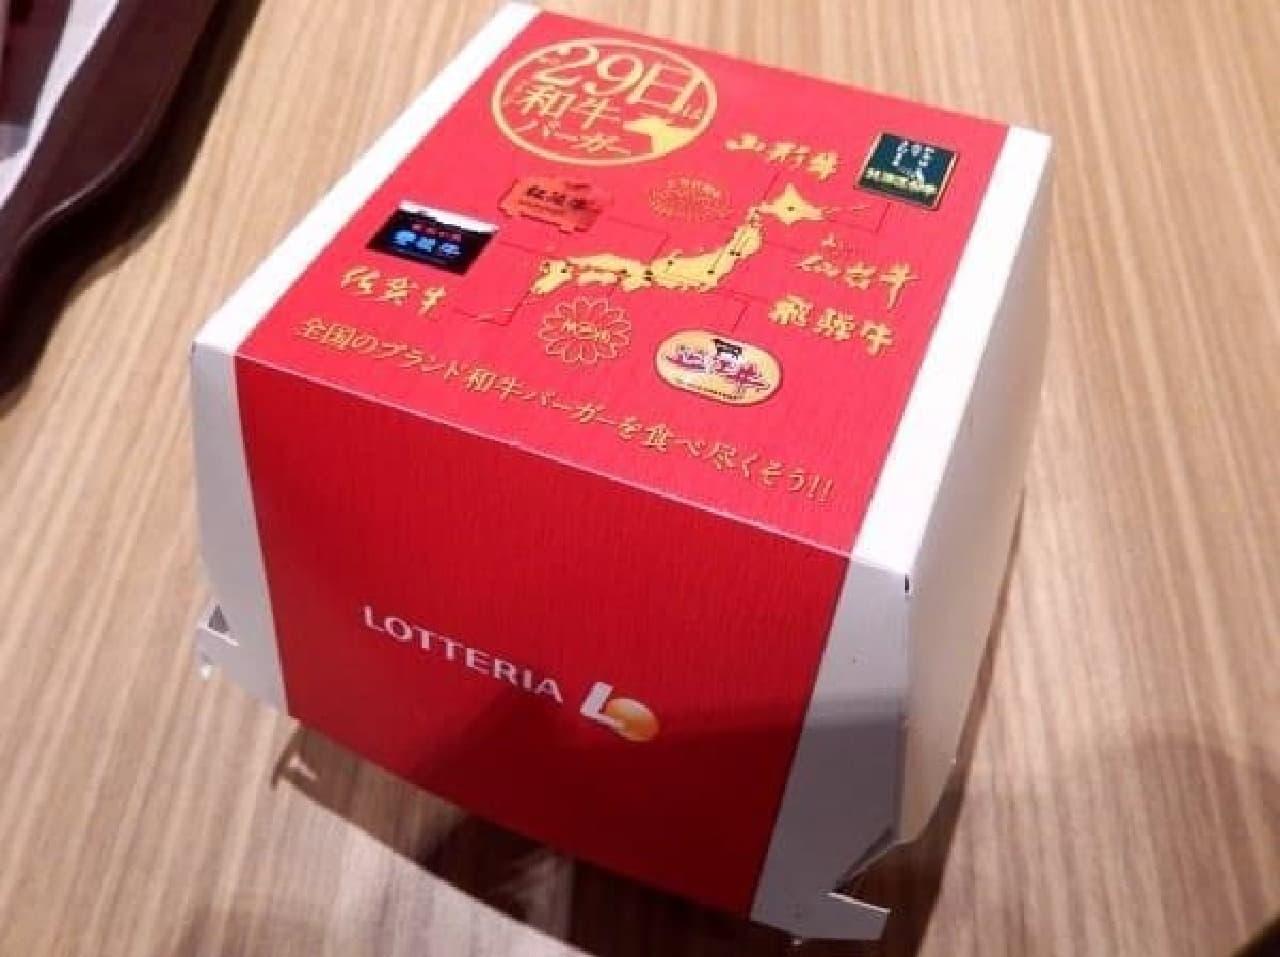 乙(オツ)なデザインのボックス